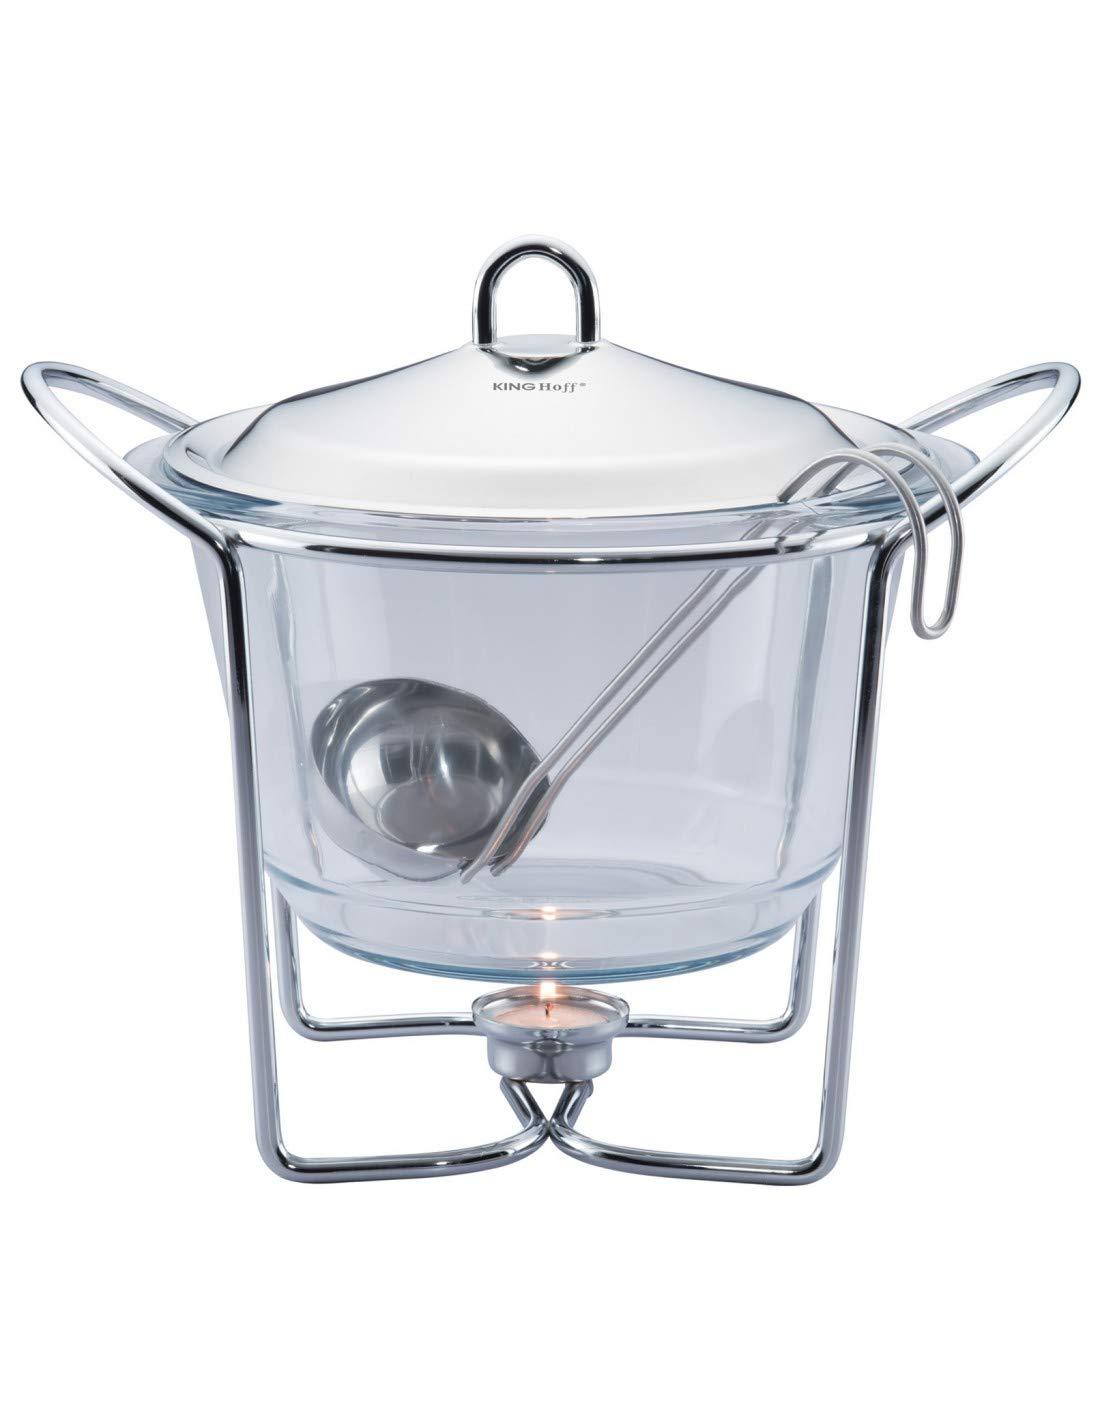 Speisew/ärmer Suppew/ärmer mit Glaseinsatz 4.0L Warmhaltebeh/älter 1 Kammer KiNGHOFF KH-1413